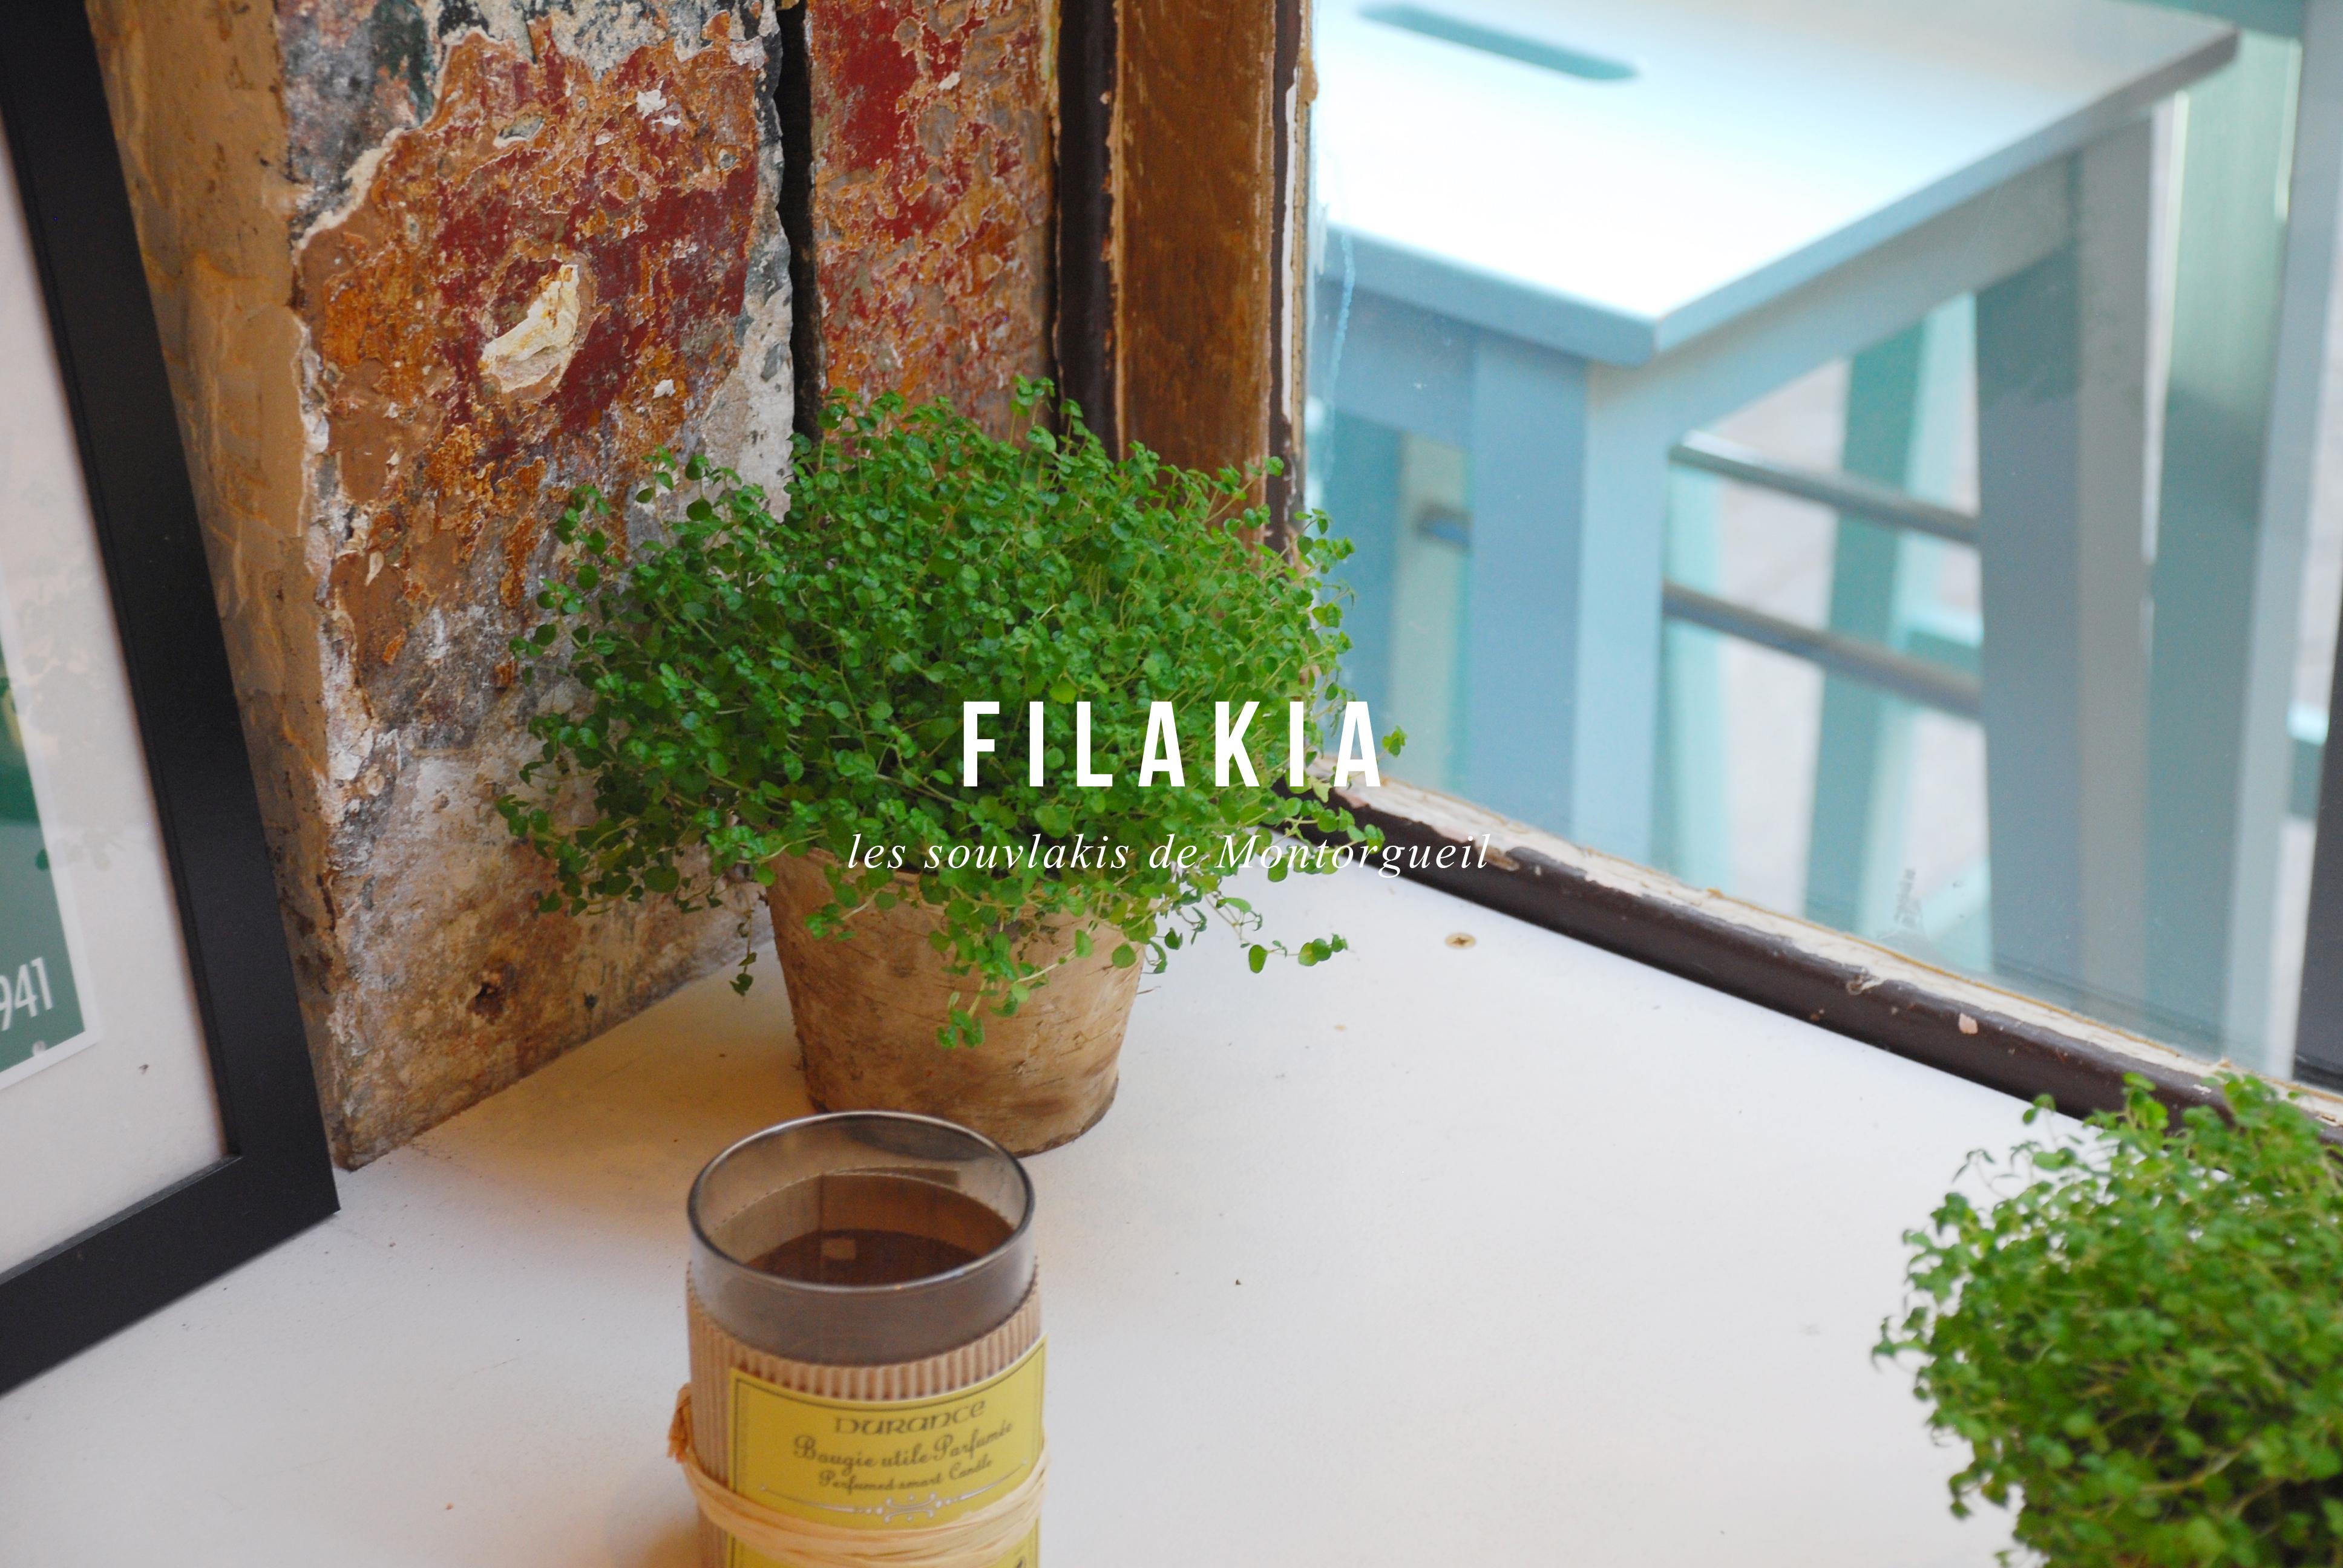 filakia-restaurant-paris-montorgueil-soulvakis-street-food-by-le_polyedre_visuel